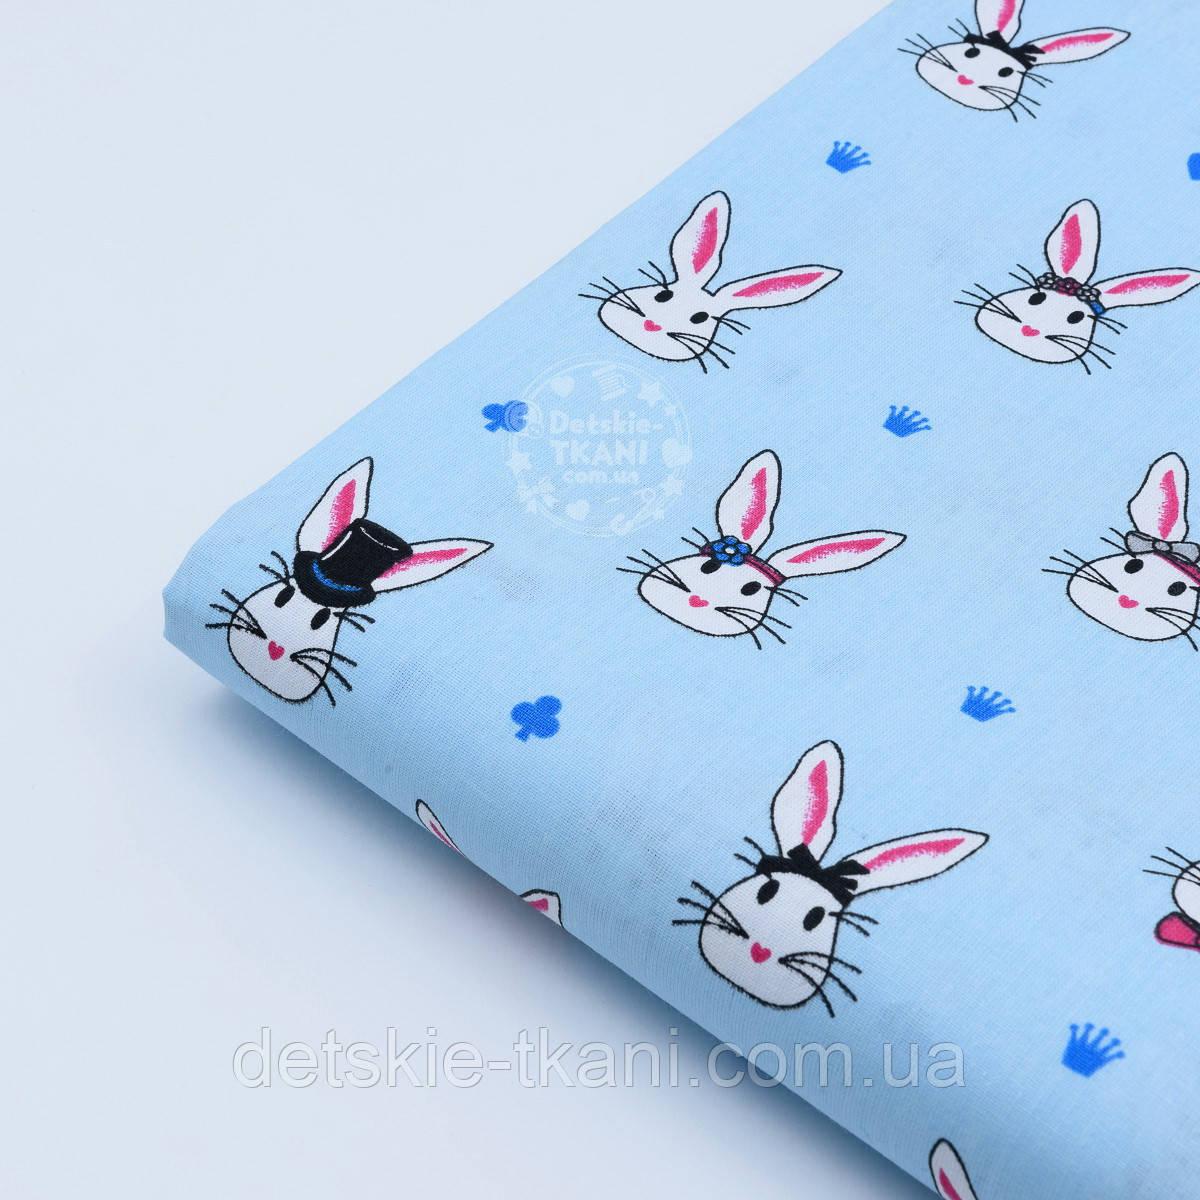 Лоскут ткани с кроликами в цилиндрах на голубом фоне, № 1009